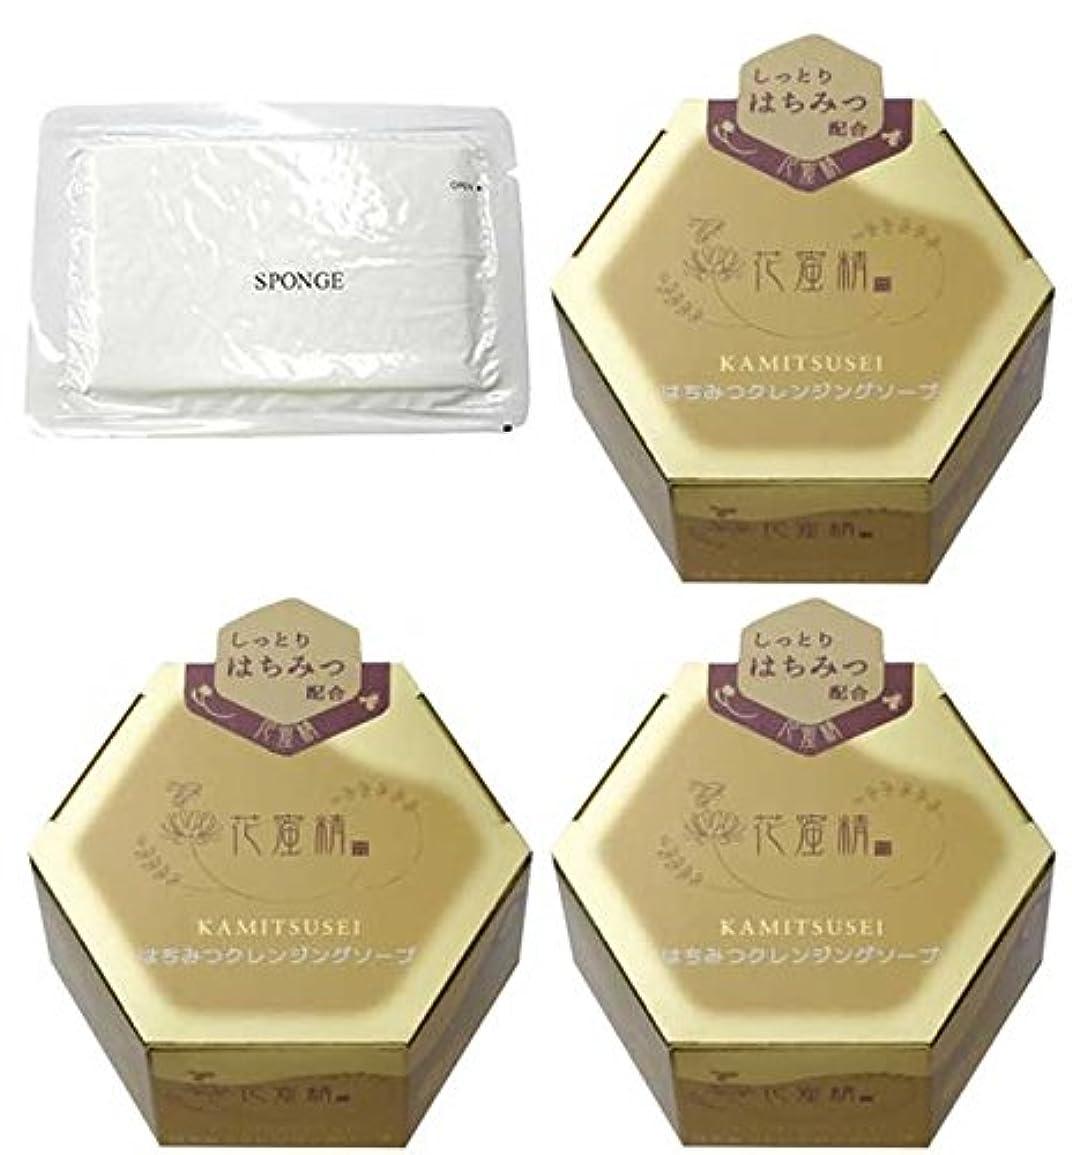 仮定する保険をかける結紮花蜜精 はちみつクレンジングソープ 85g 3個 + 圧縮スポンジセット